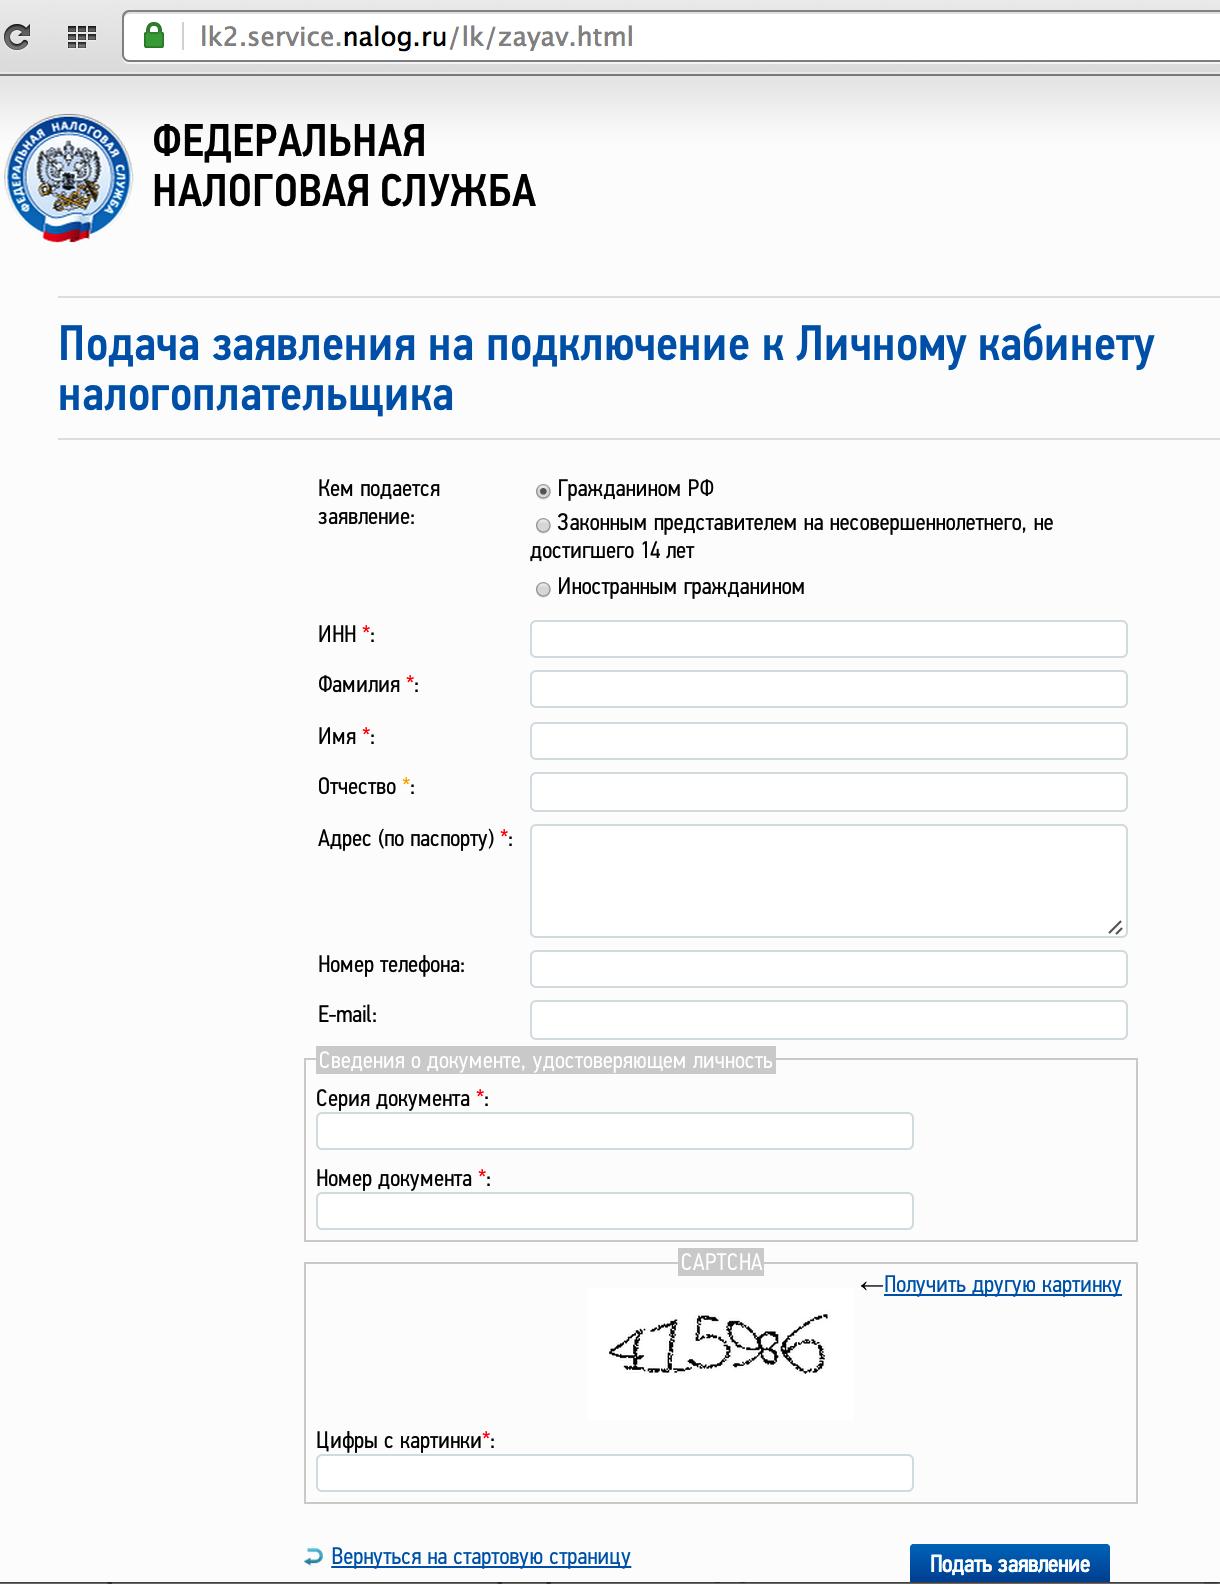 Как сдать налоговую декларацию за 2013 год электронным способом за несколько дней (РФ)